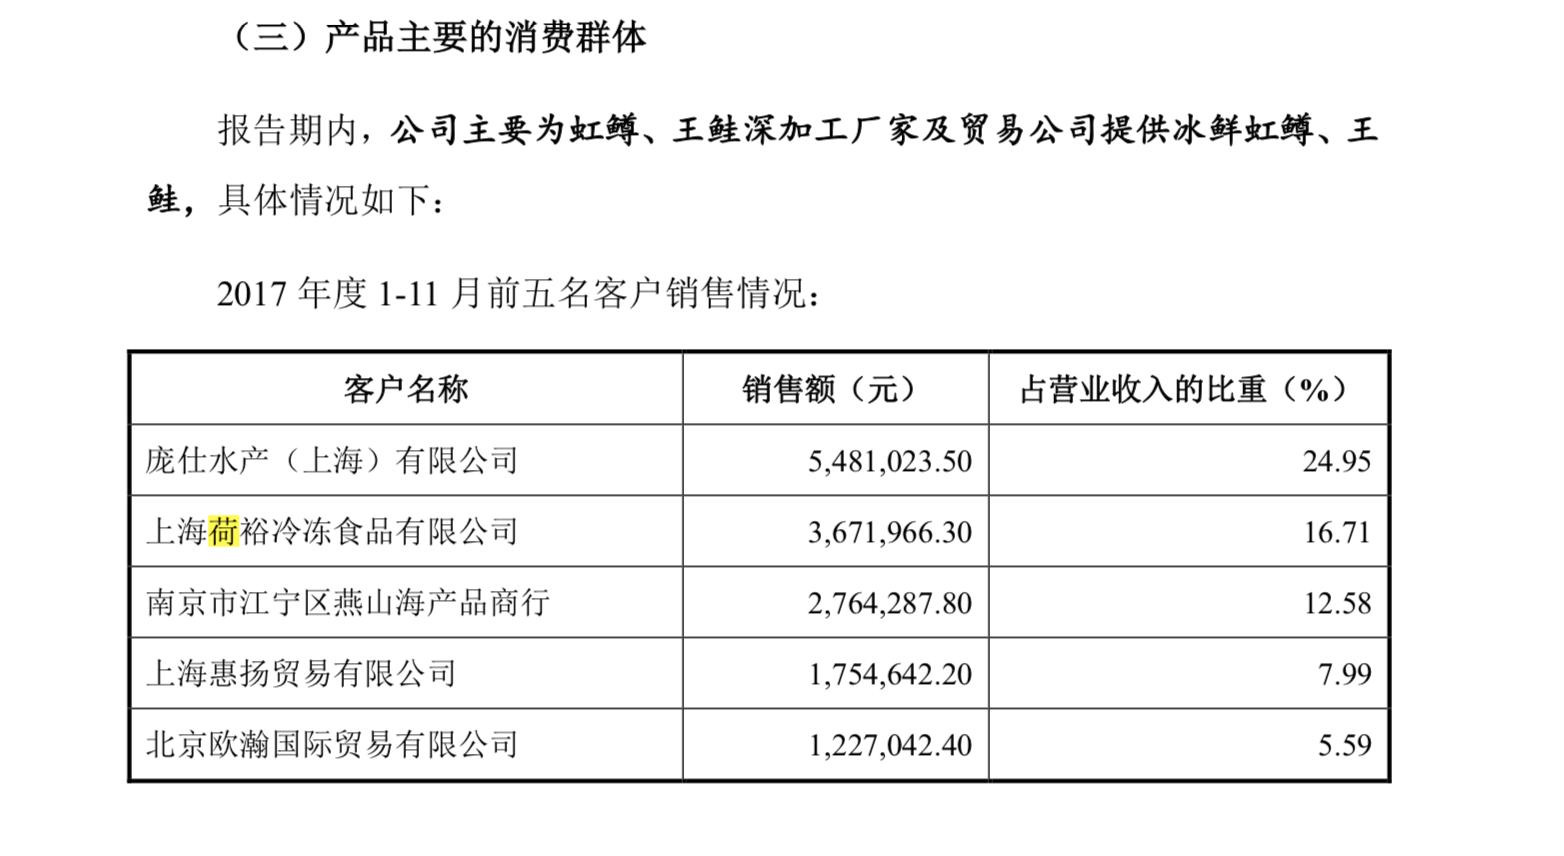 荷裕虹鳟年采购量超200吨 三文鱼团标制定企业有瓜葛